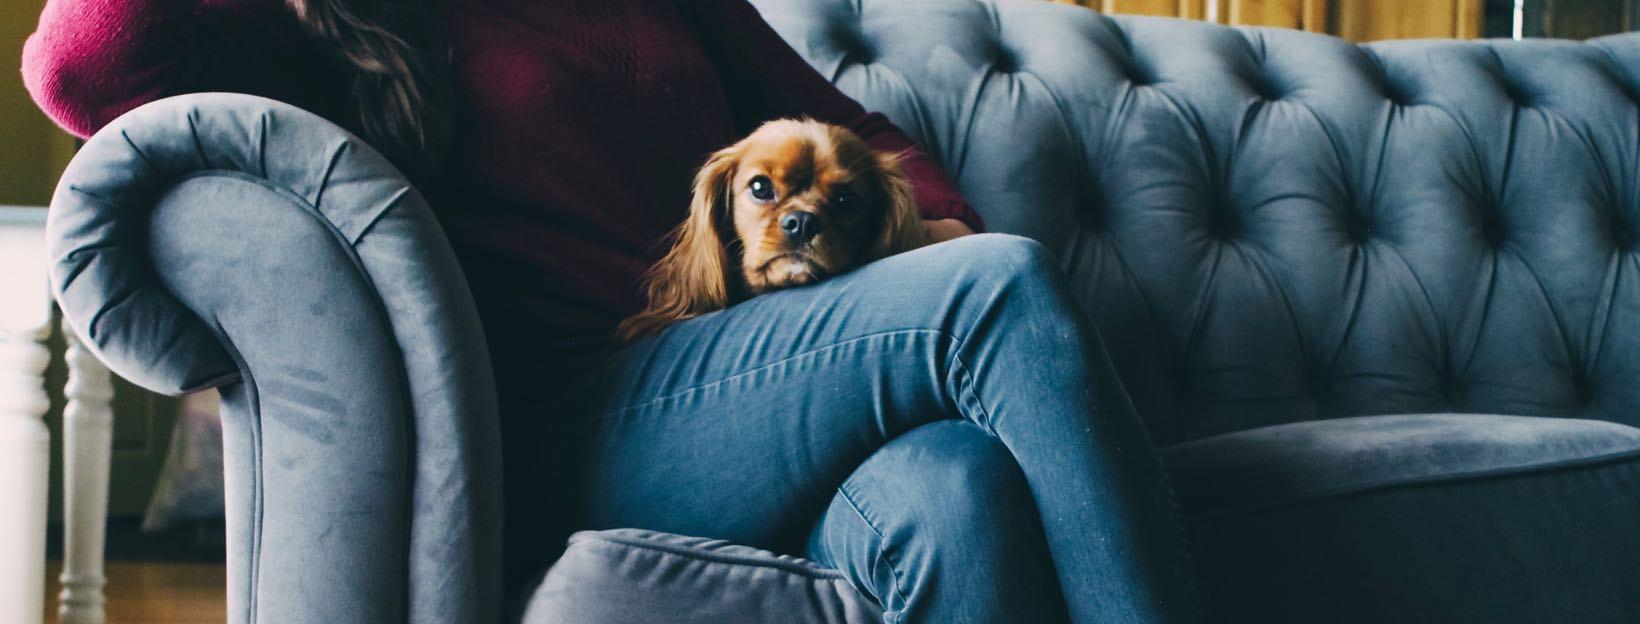 Hund auf dem Schoß vom Frauchen auf der Couch